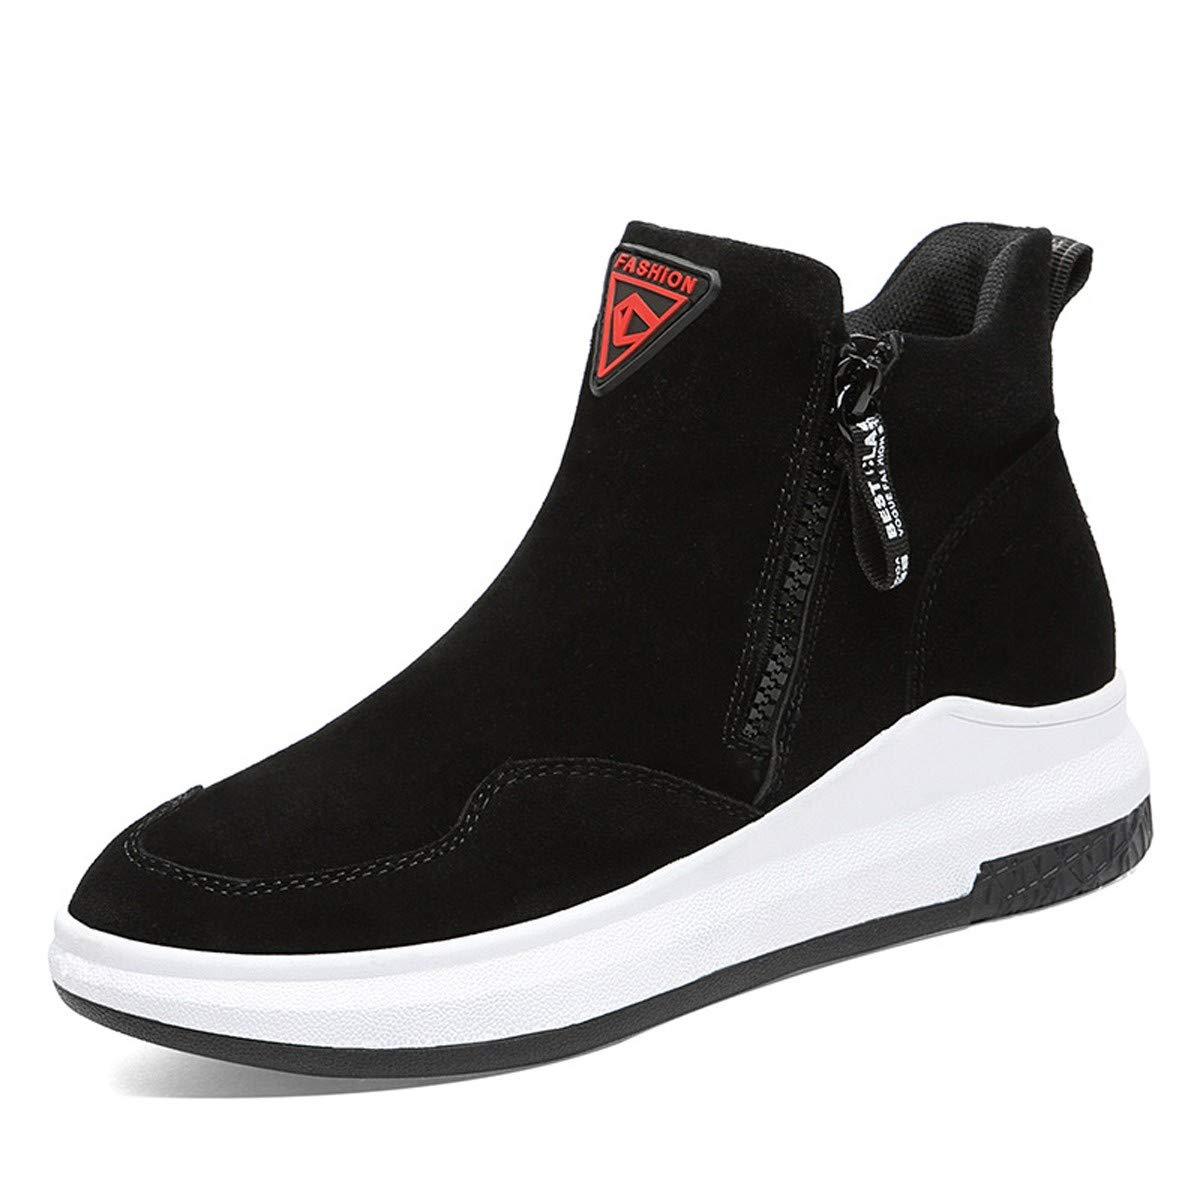 GTVERNH Frauen Schuhe/Frauen - Freizeit - Sport - Schuhe Schuhe Damenschuhe Bergsteigen Schuhe Koreanischen Version.